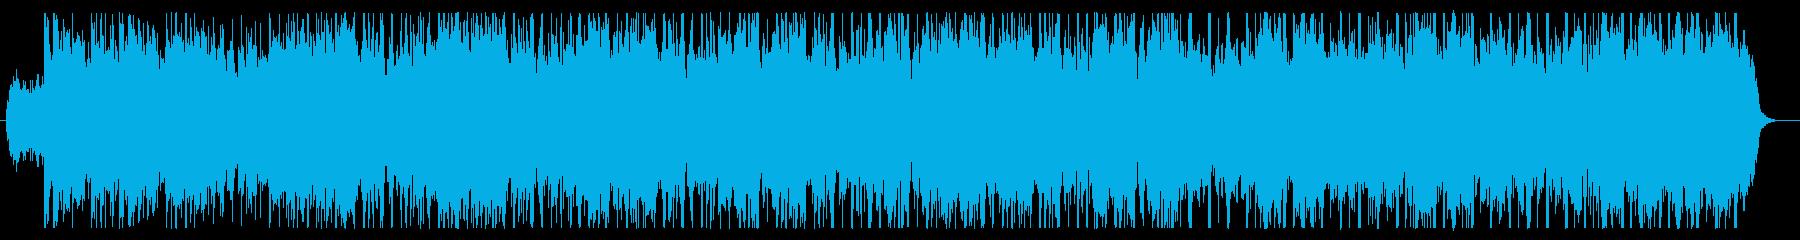 ピアノとストリングスの爽やかなグルーブの再生済みの波形